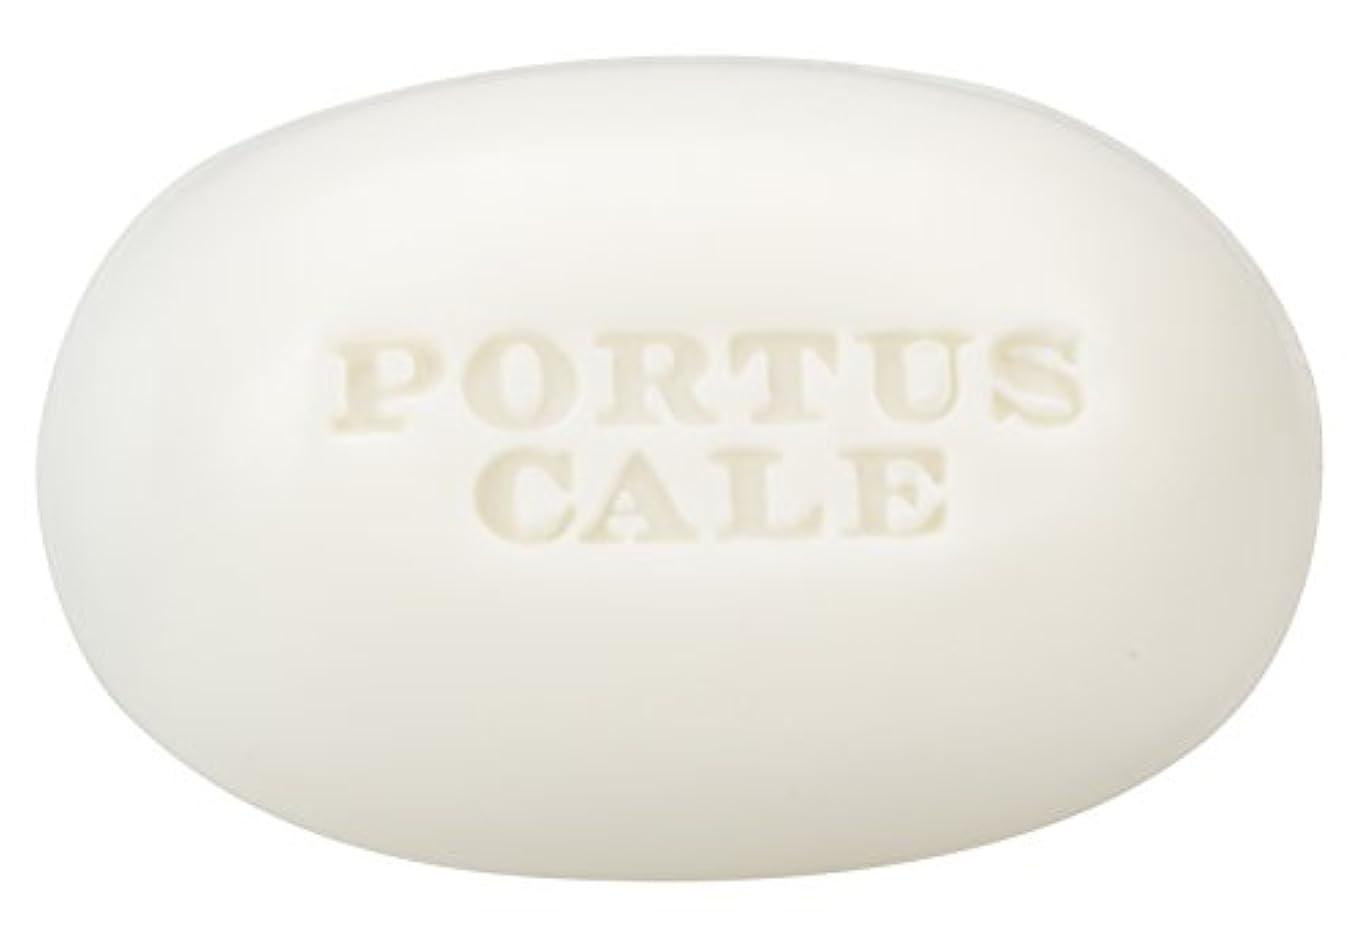 その結果クッション円形Portus Cale アロマティックソープ アクア 150g